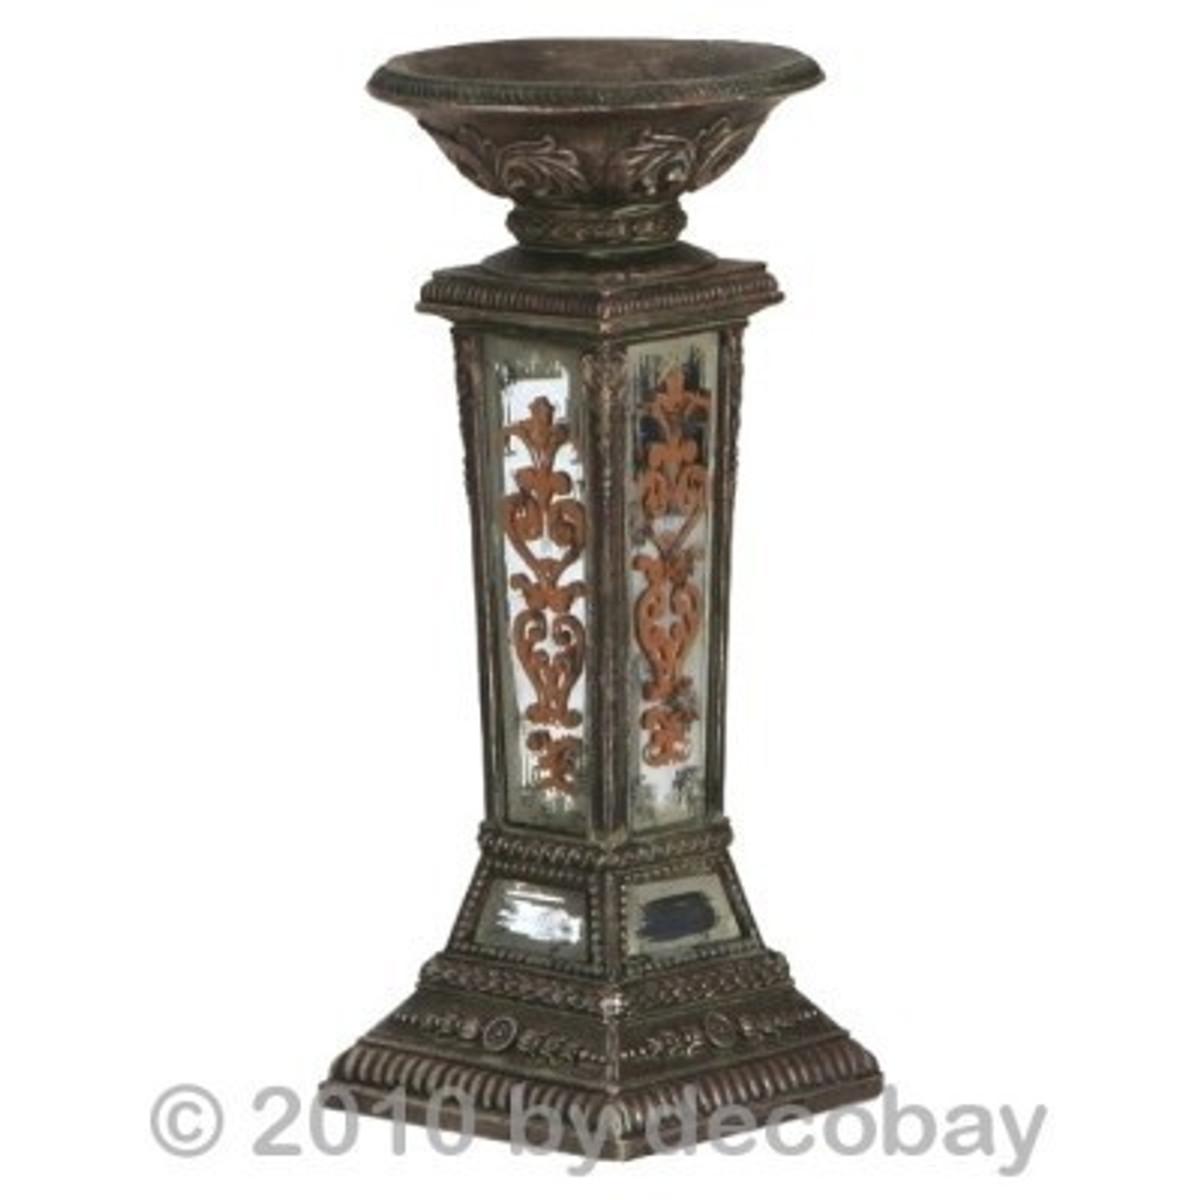 Kerzen Deko Teelichthalter Kerzenleuchter Kerzenständer ein antikes Design für große Anlässe online bestellen.